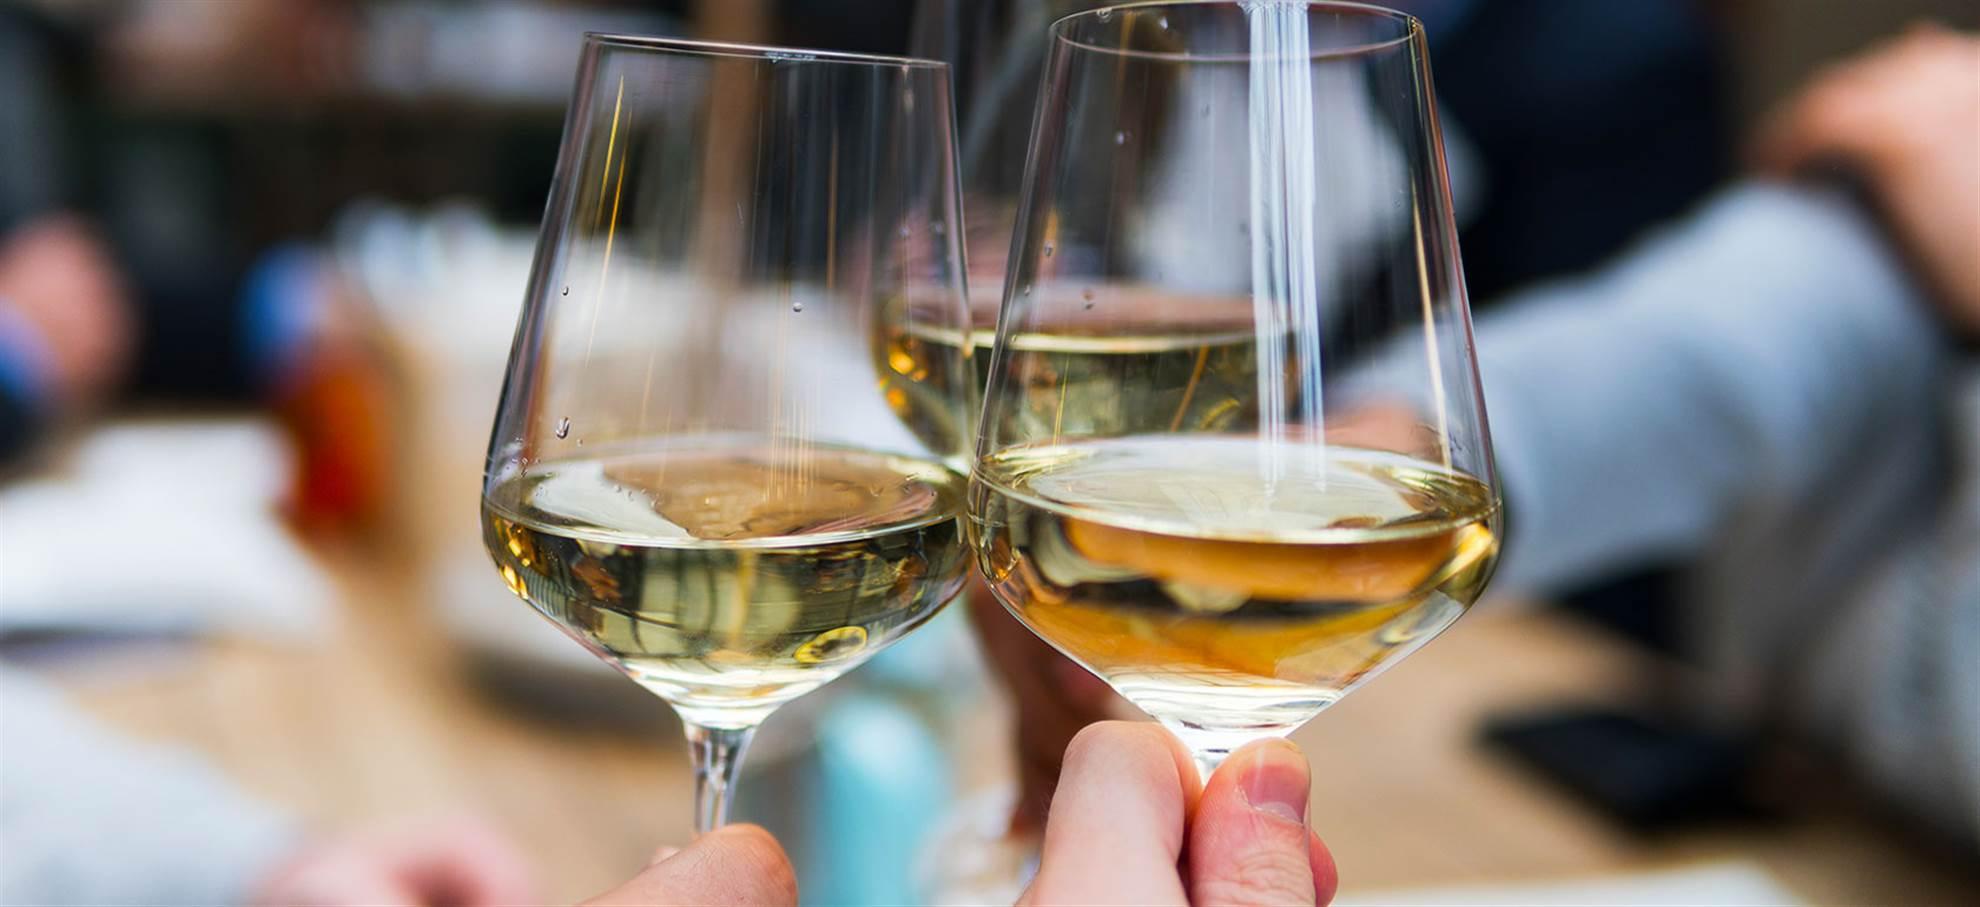 Degustazione di vini catalani a Barcellona